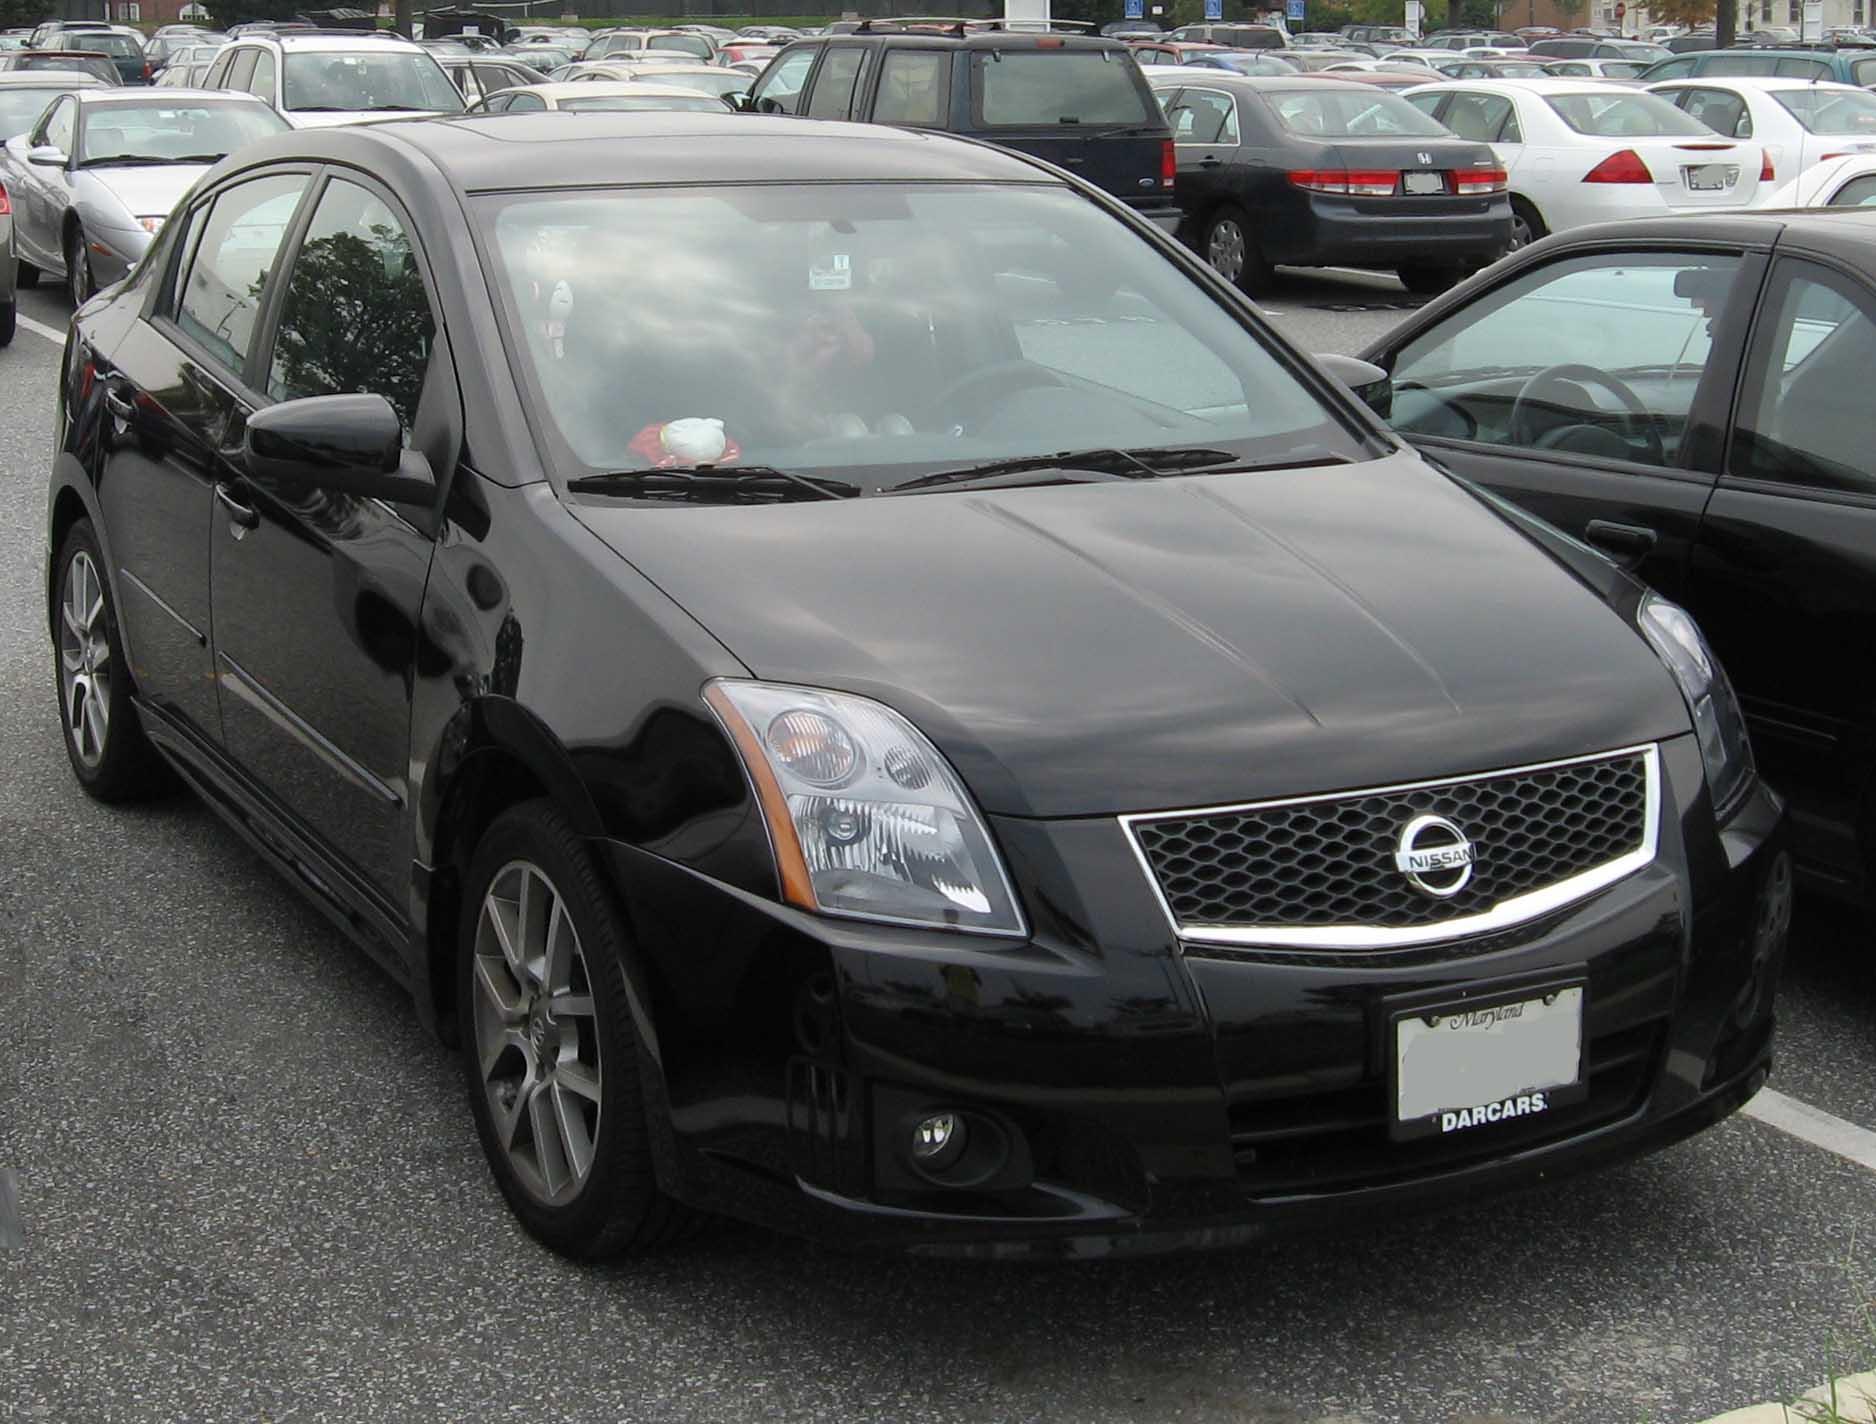 2008 Nissan Sentra #13 Nissan Sentra #13